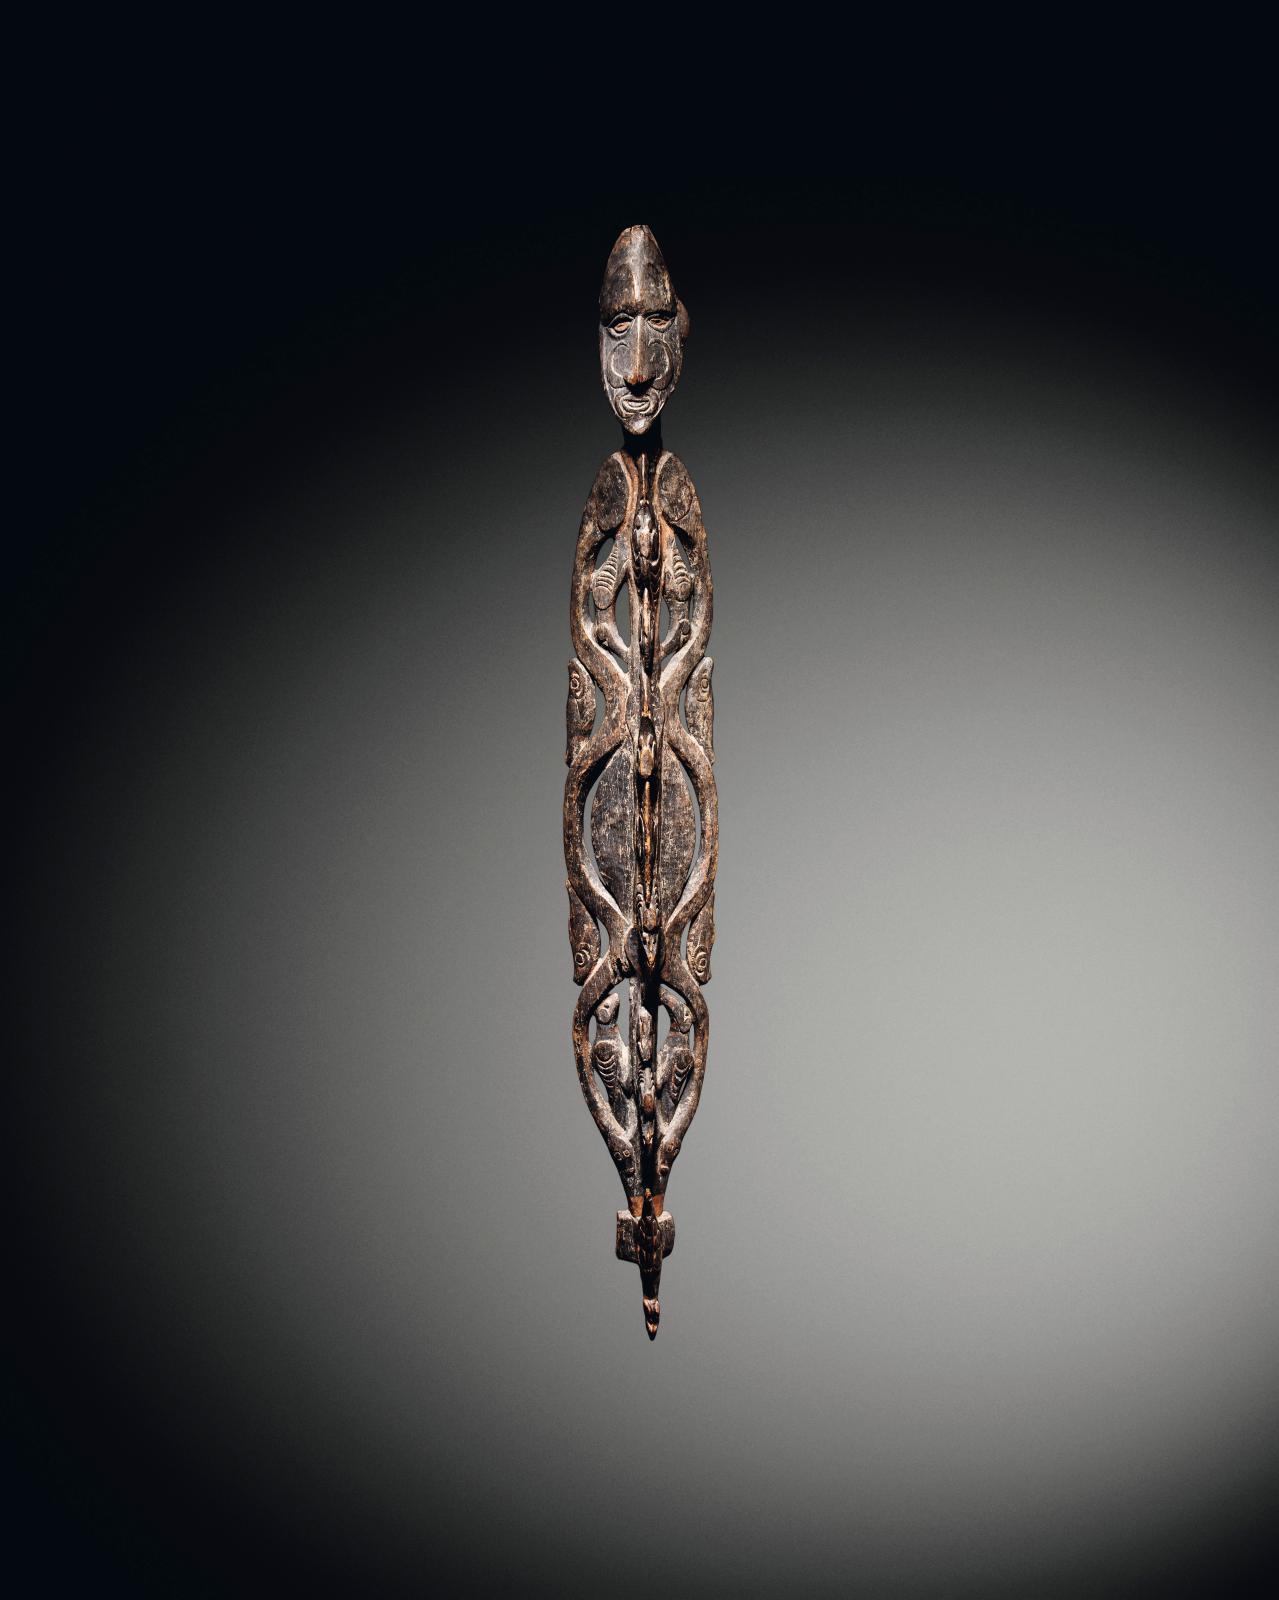 CI-CONTRE Iatmul, Moyen Sepik, Papouasie - Nouvelle-Guinée Crochet, bois de vitex cofassus, restes de polychromie, h.160cm. Estimation: 350000/450